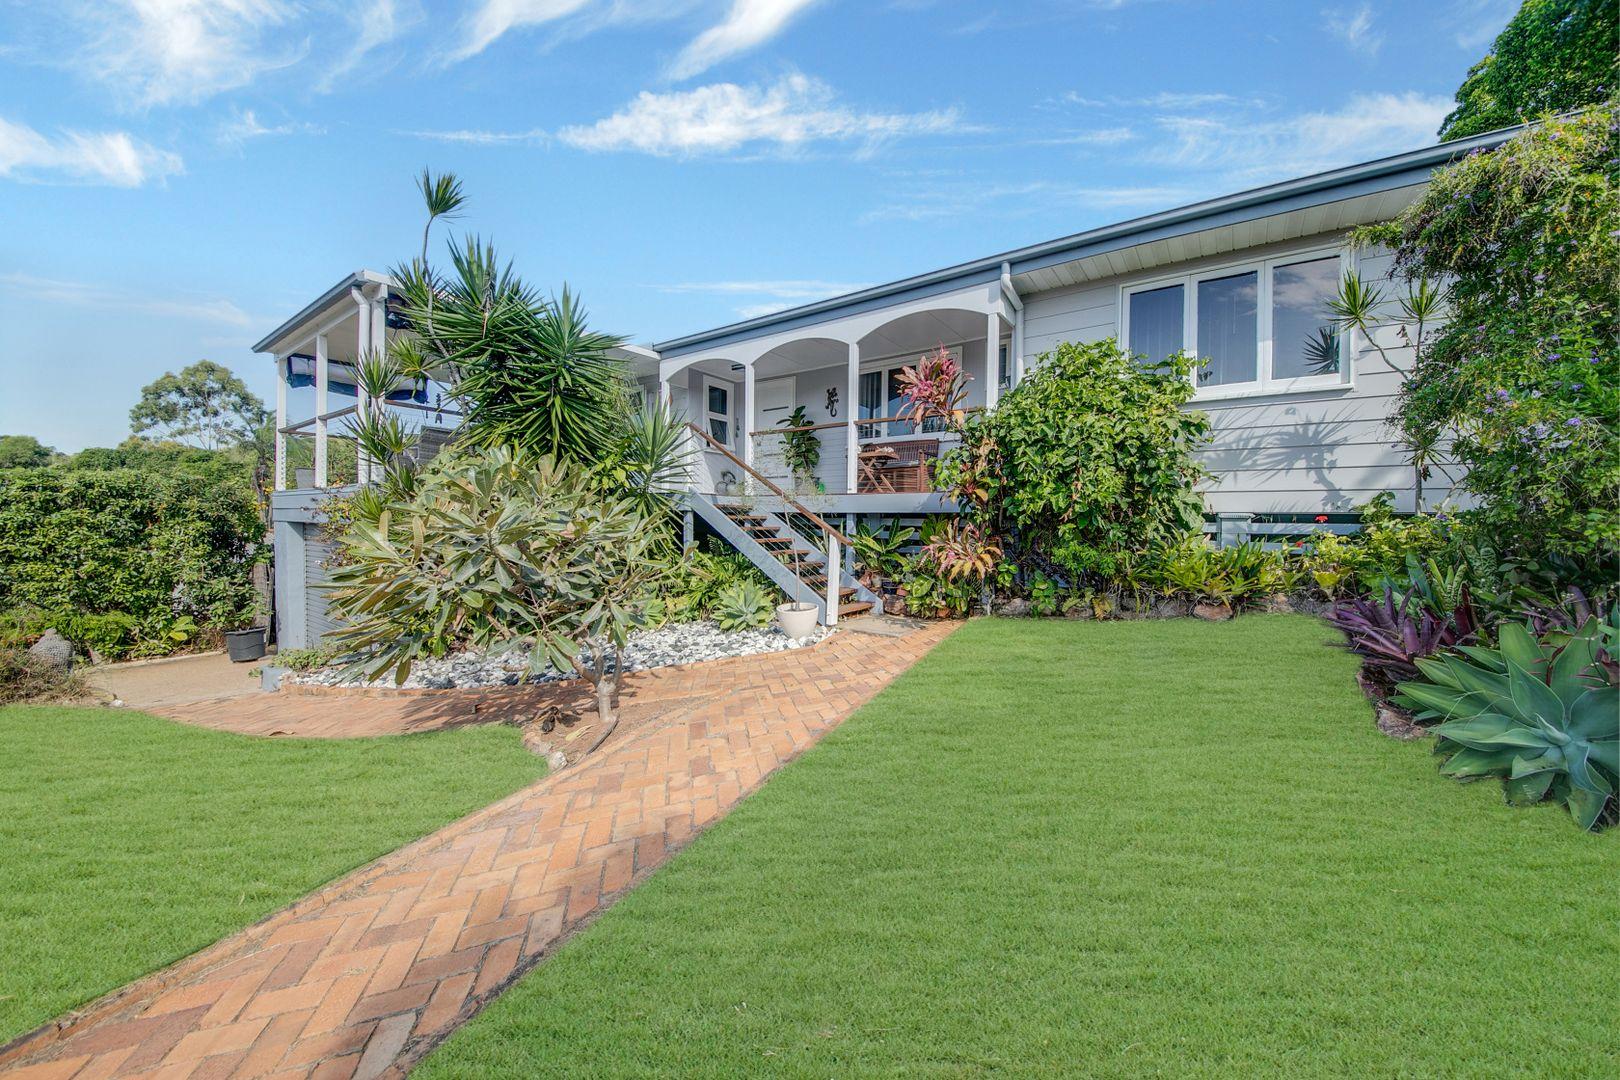 46 Meikleville Street, Meikleville Hill QLD 4703, Image 0